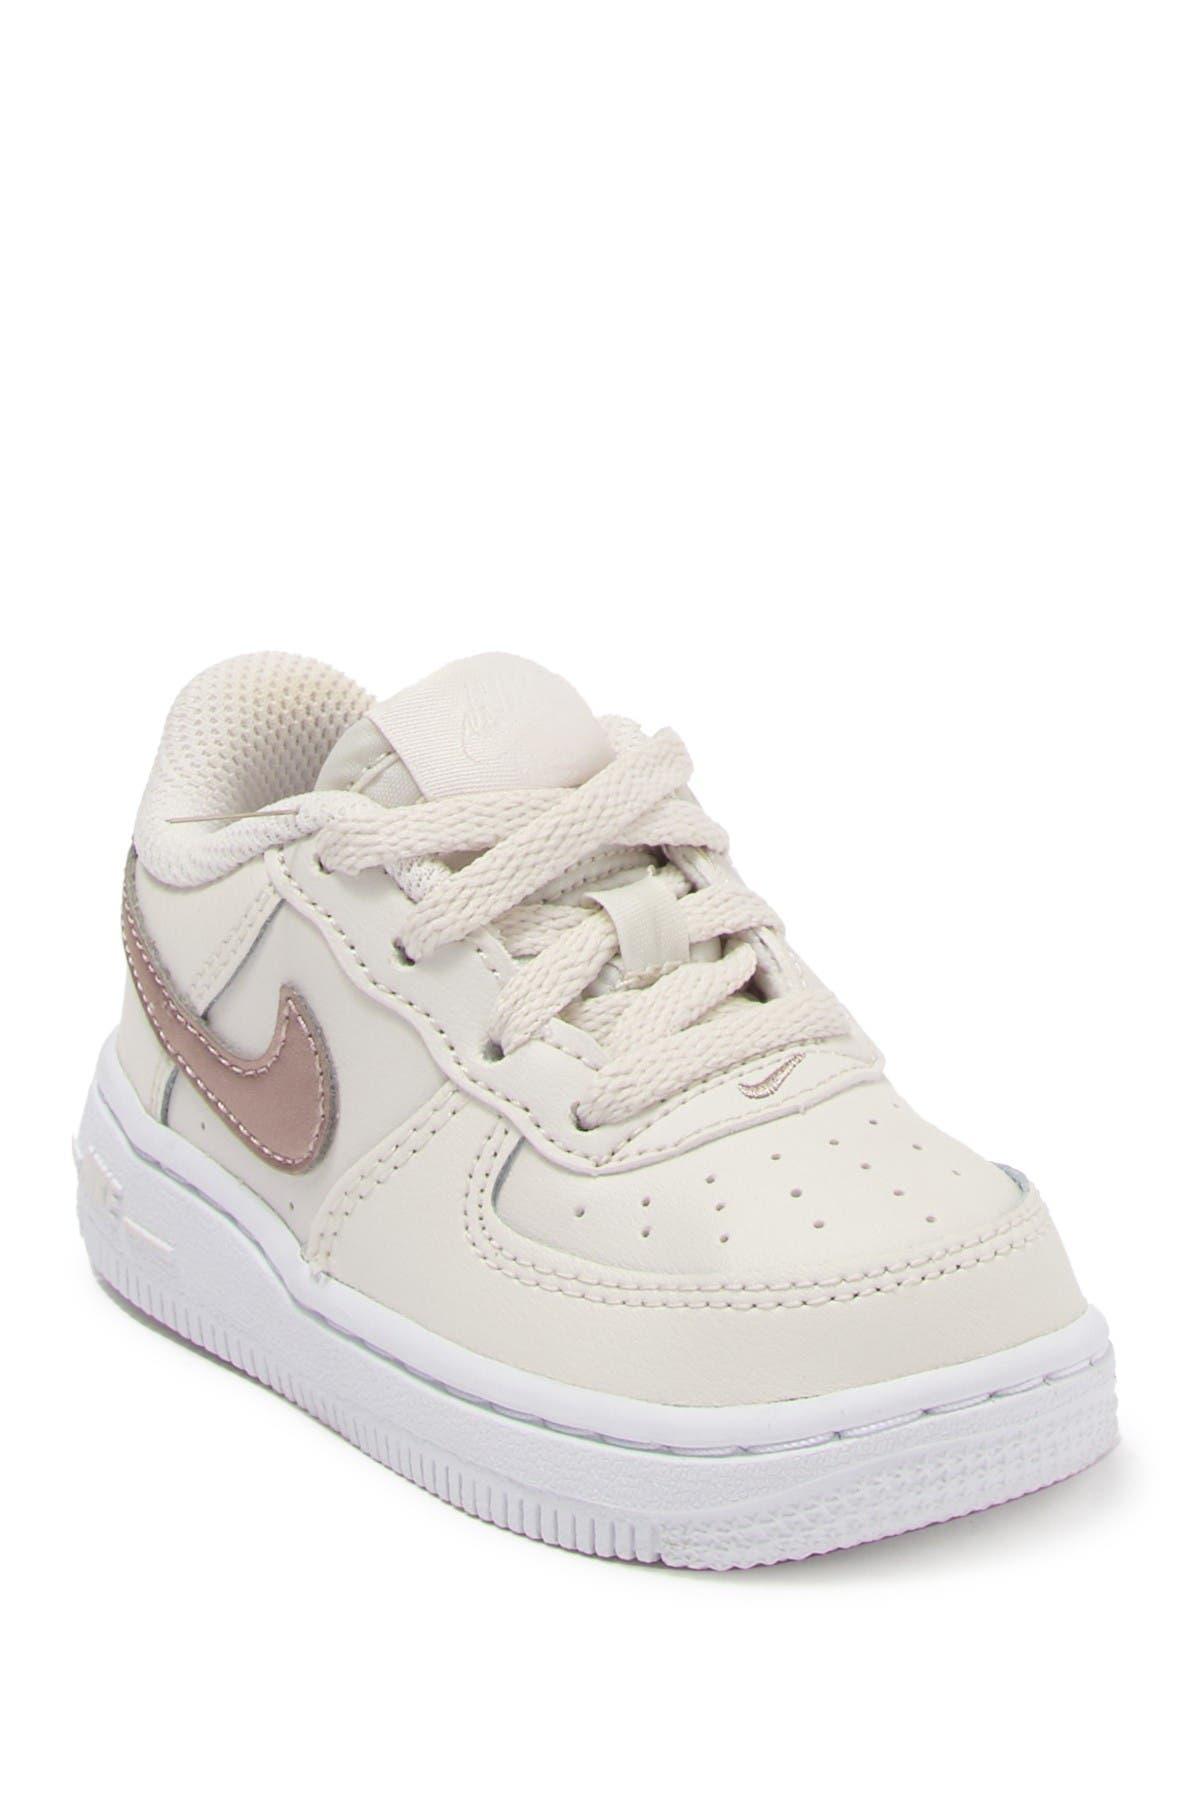 Nike   Air Force 1 Sneaker   Nordstrom Rack